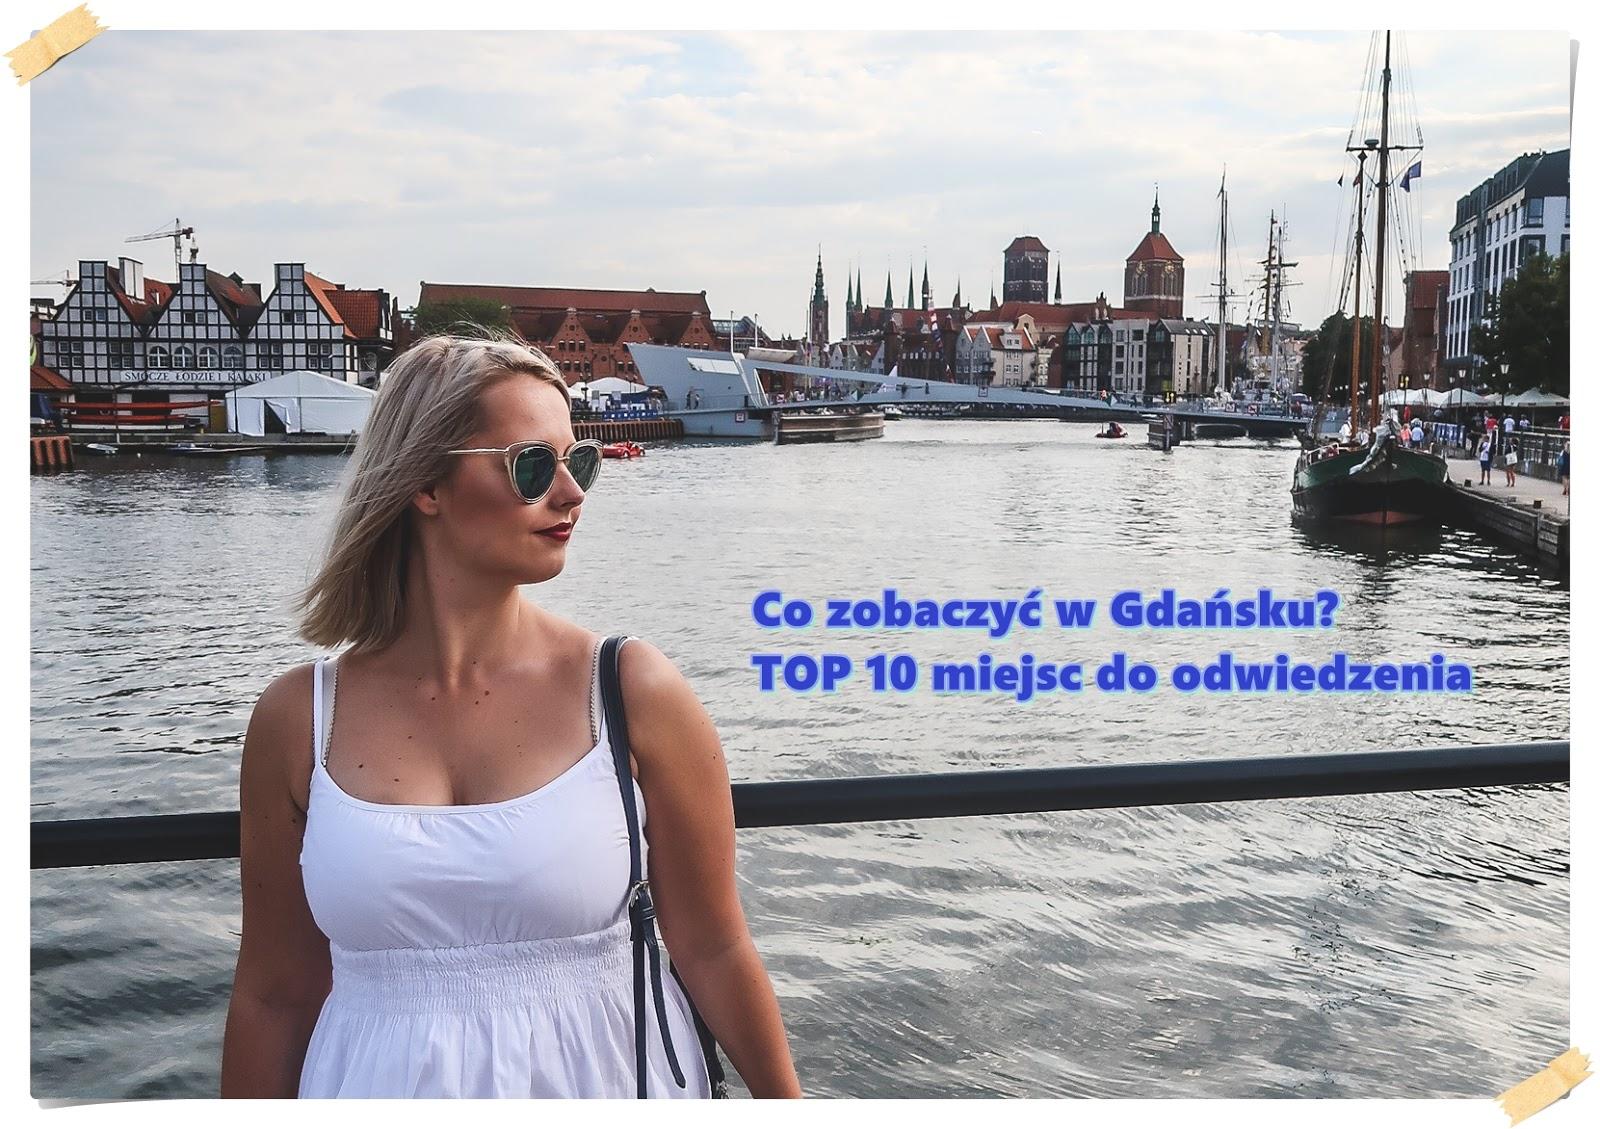 Co warto zobaczyć w Gdańsku? TOP 10 miejsc do zobaczenia w Gdańsku